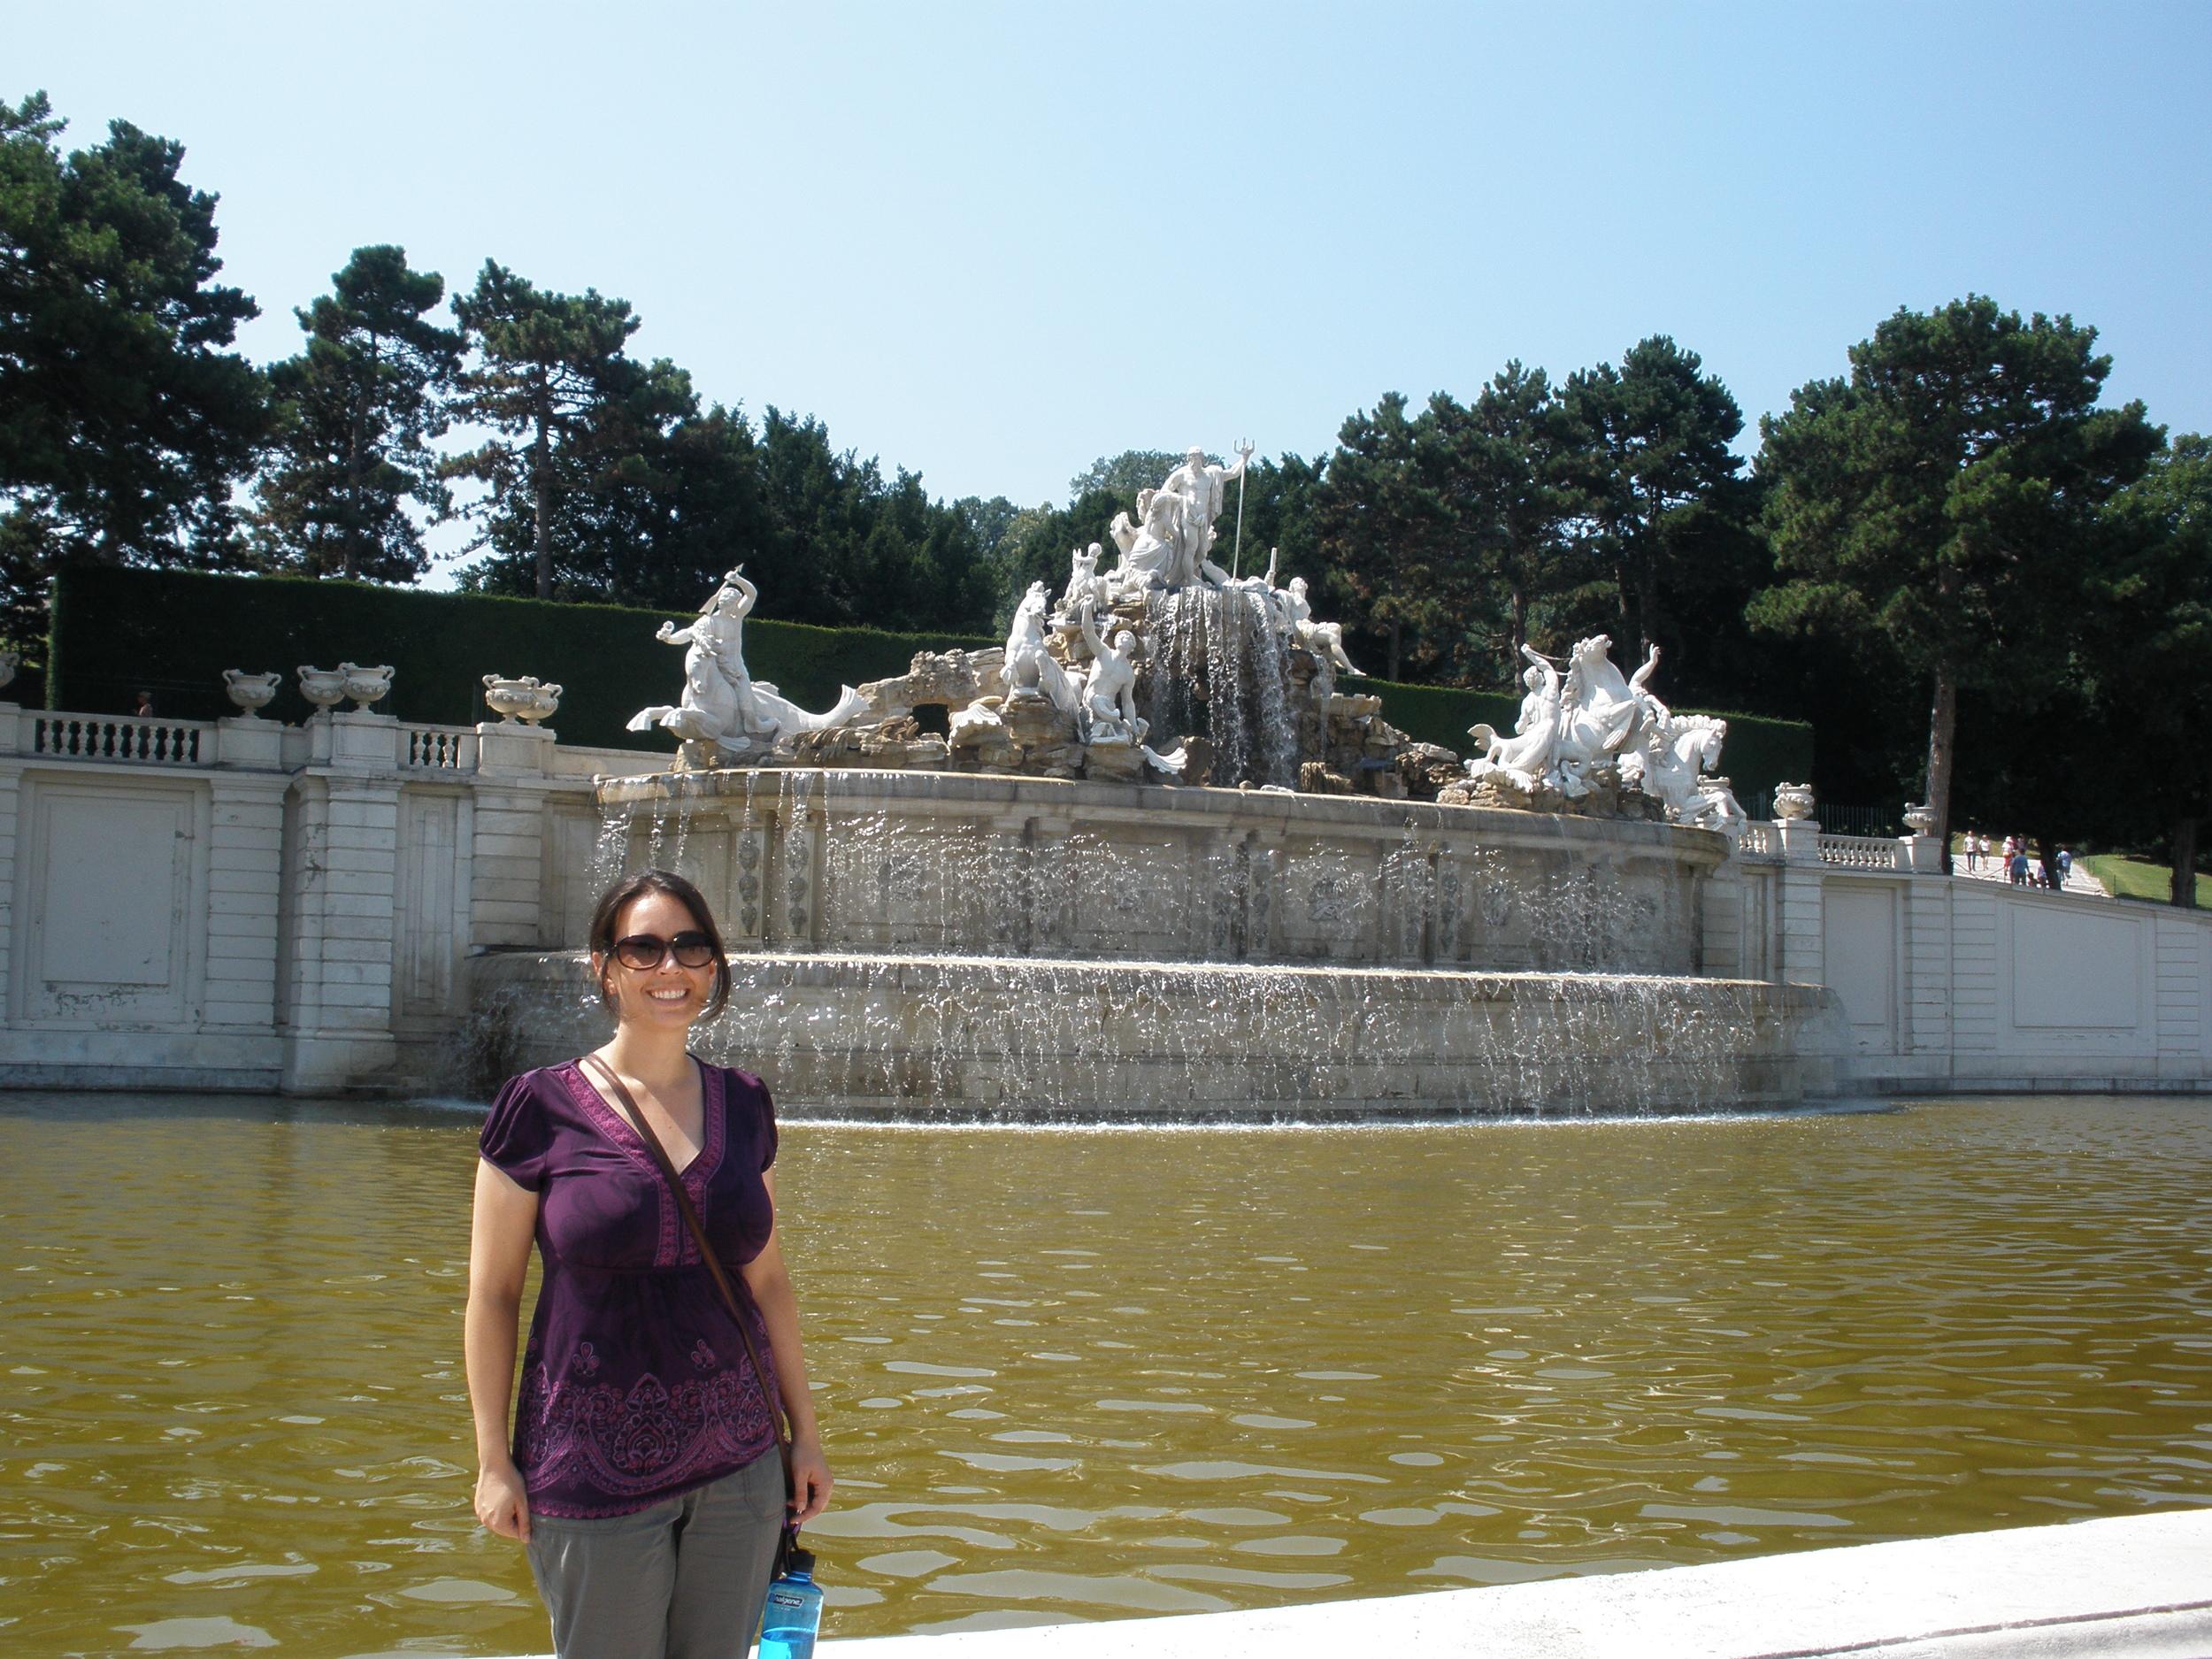 Debi at Schonbrunn Palace